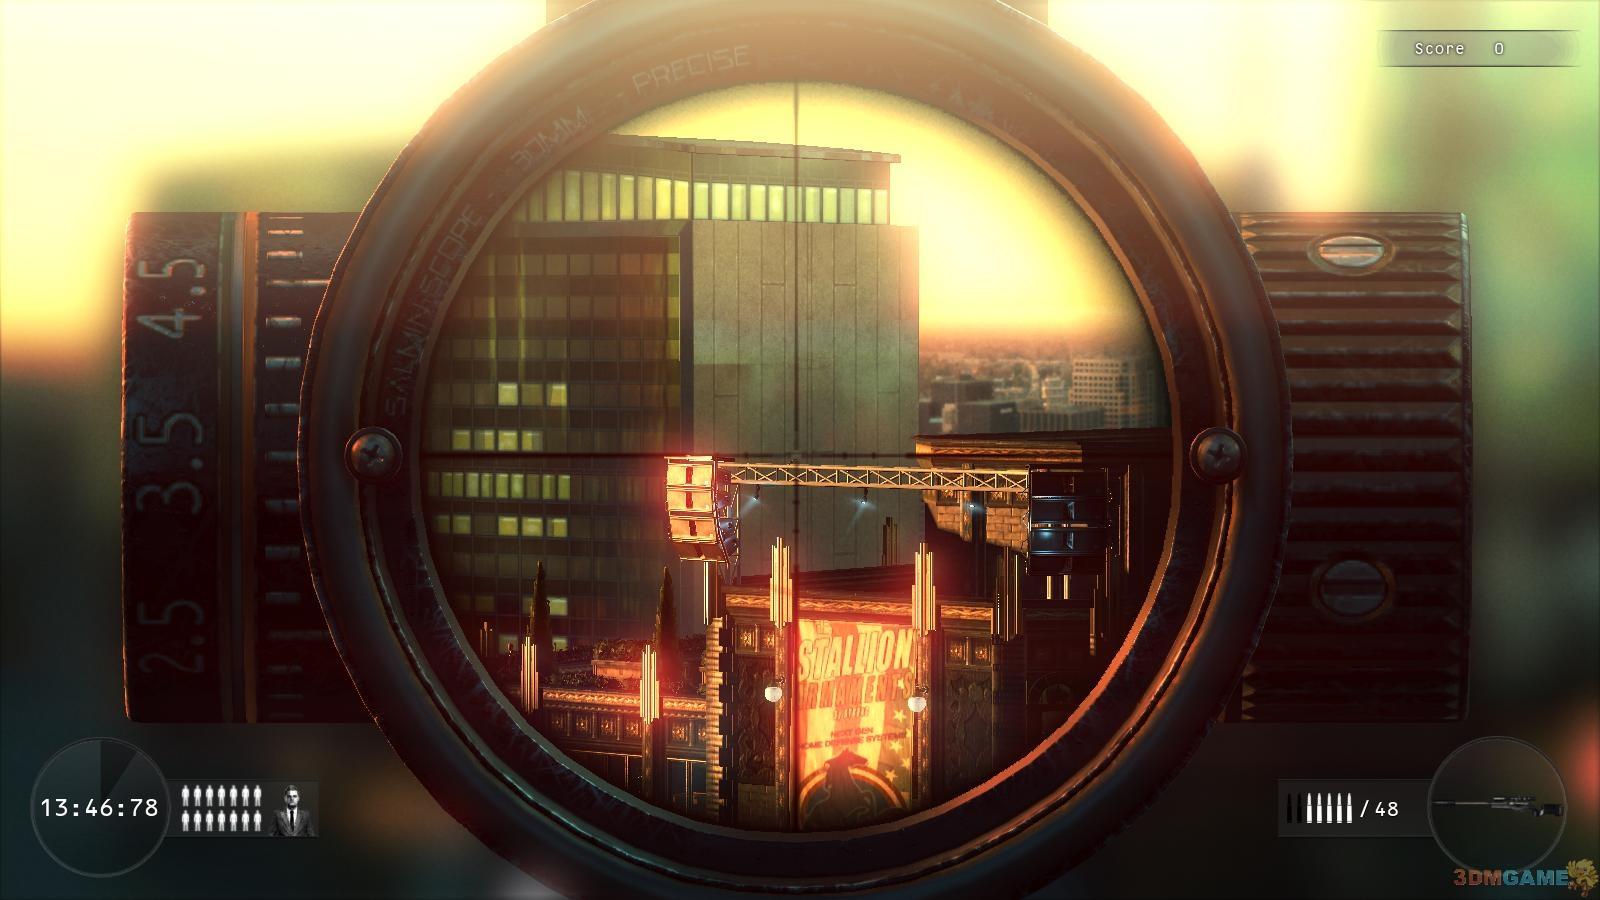 杀手5:狙击挑战》图文攻略(上)_第2页_www.3dmgame ...